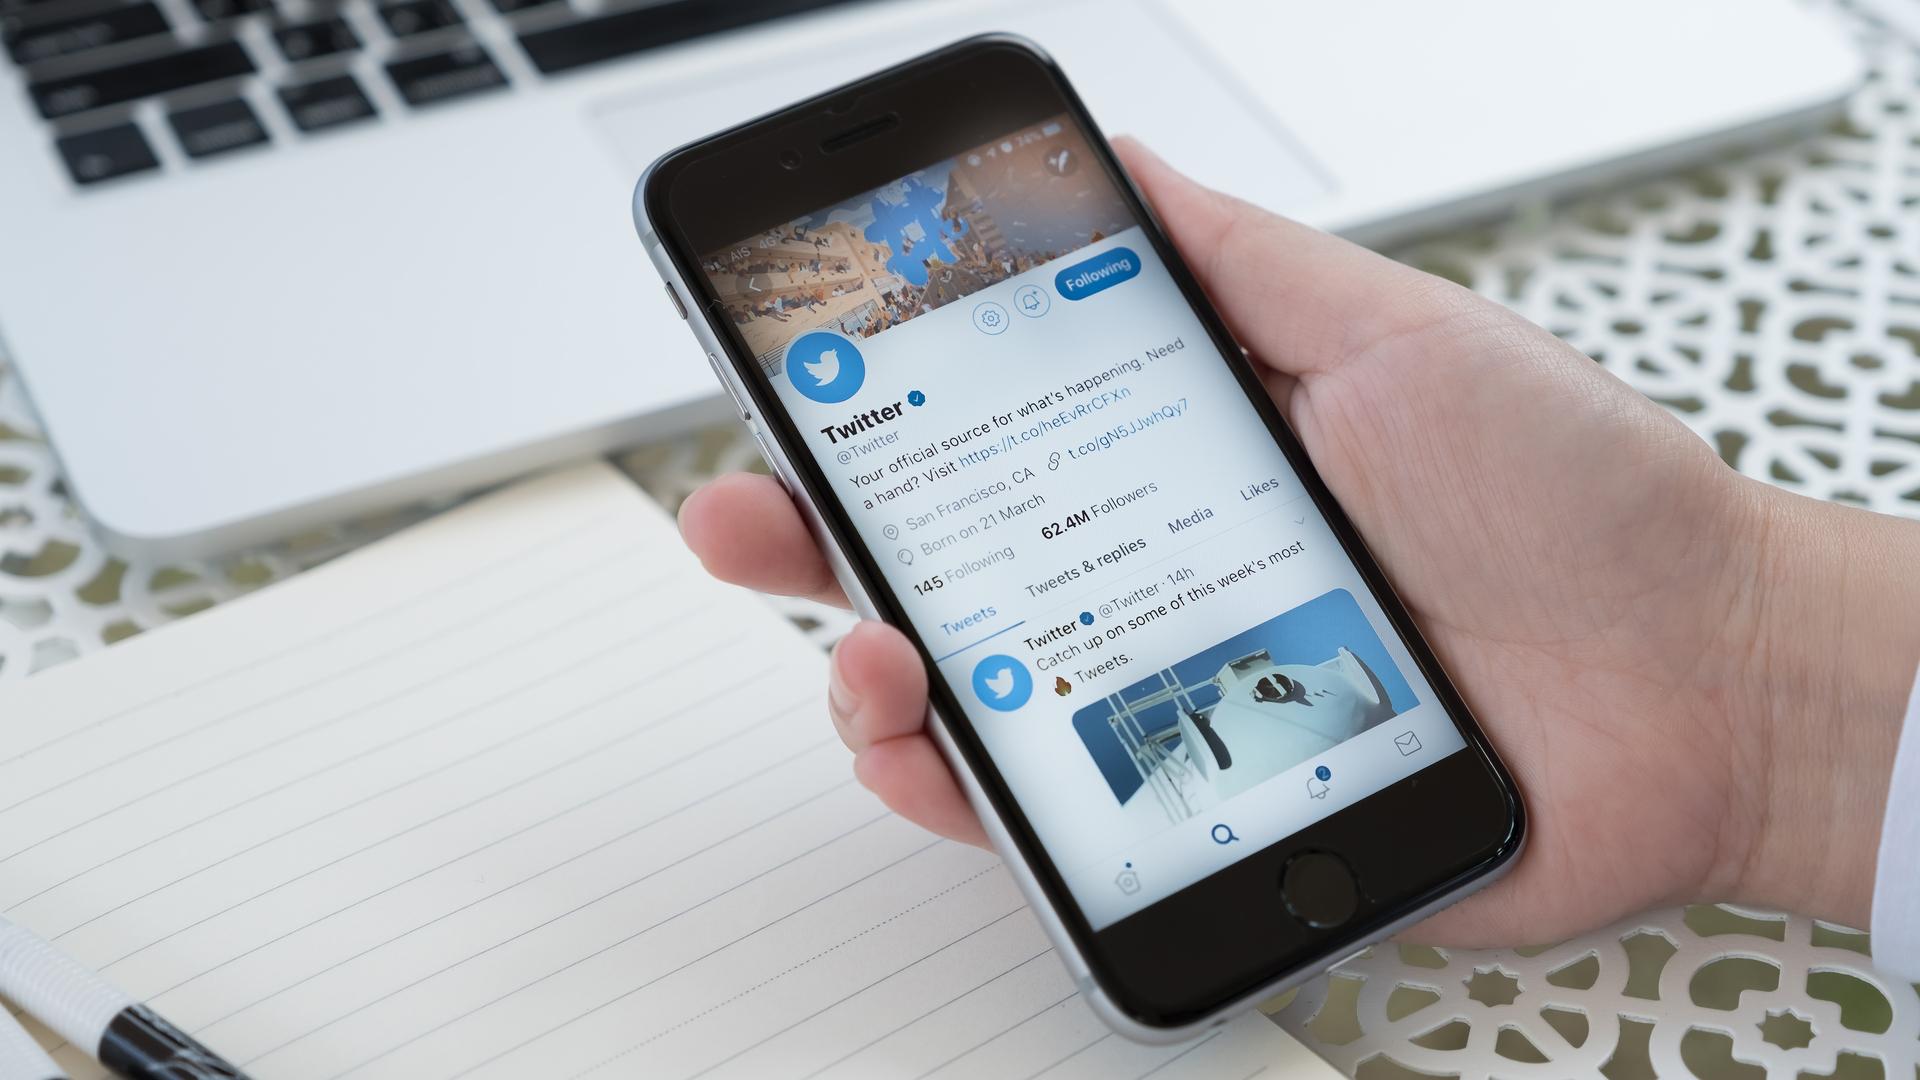 Twitter can sıkıcı bildirimleri susturmak için bir erteleme düğmesini test ediyor 1